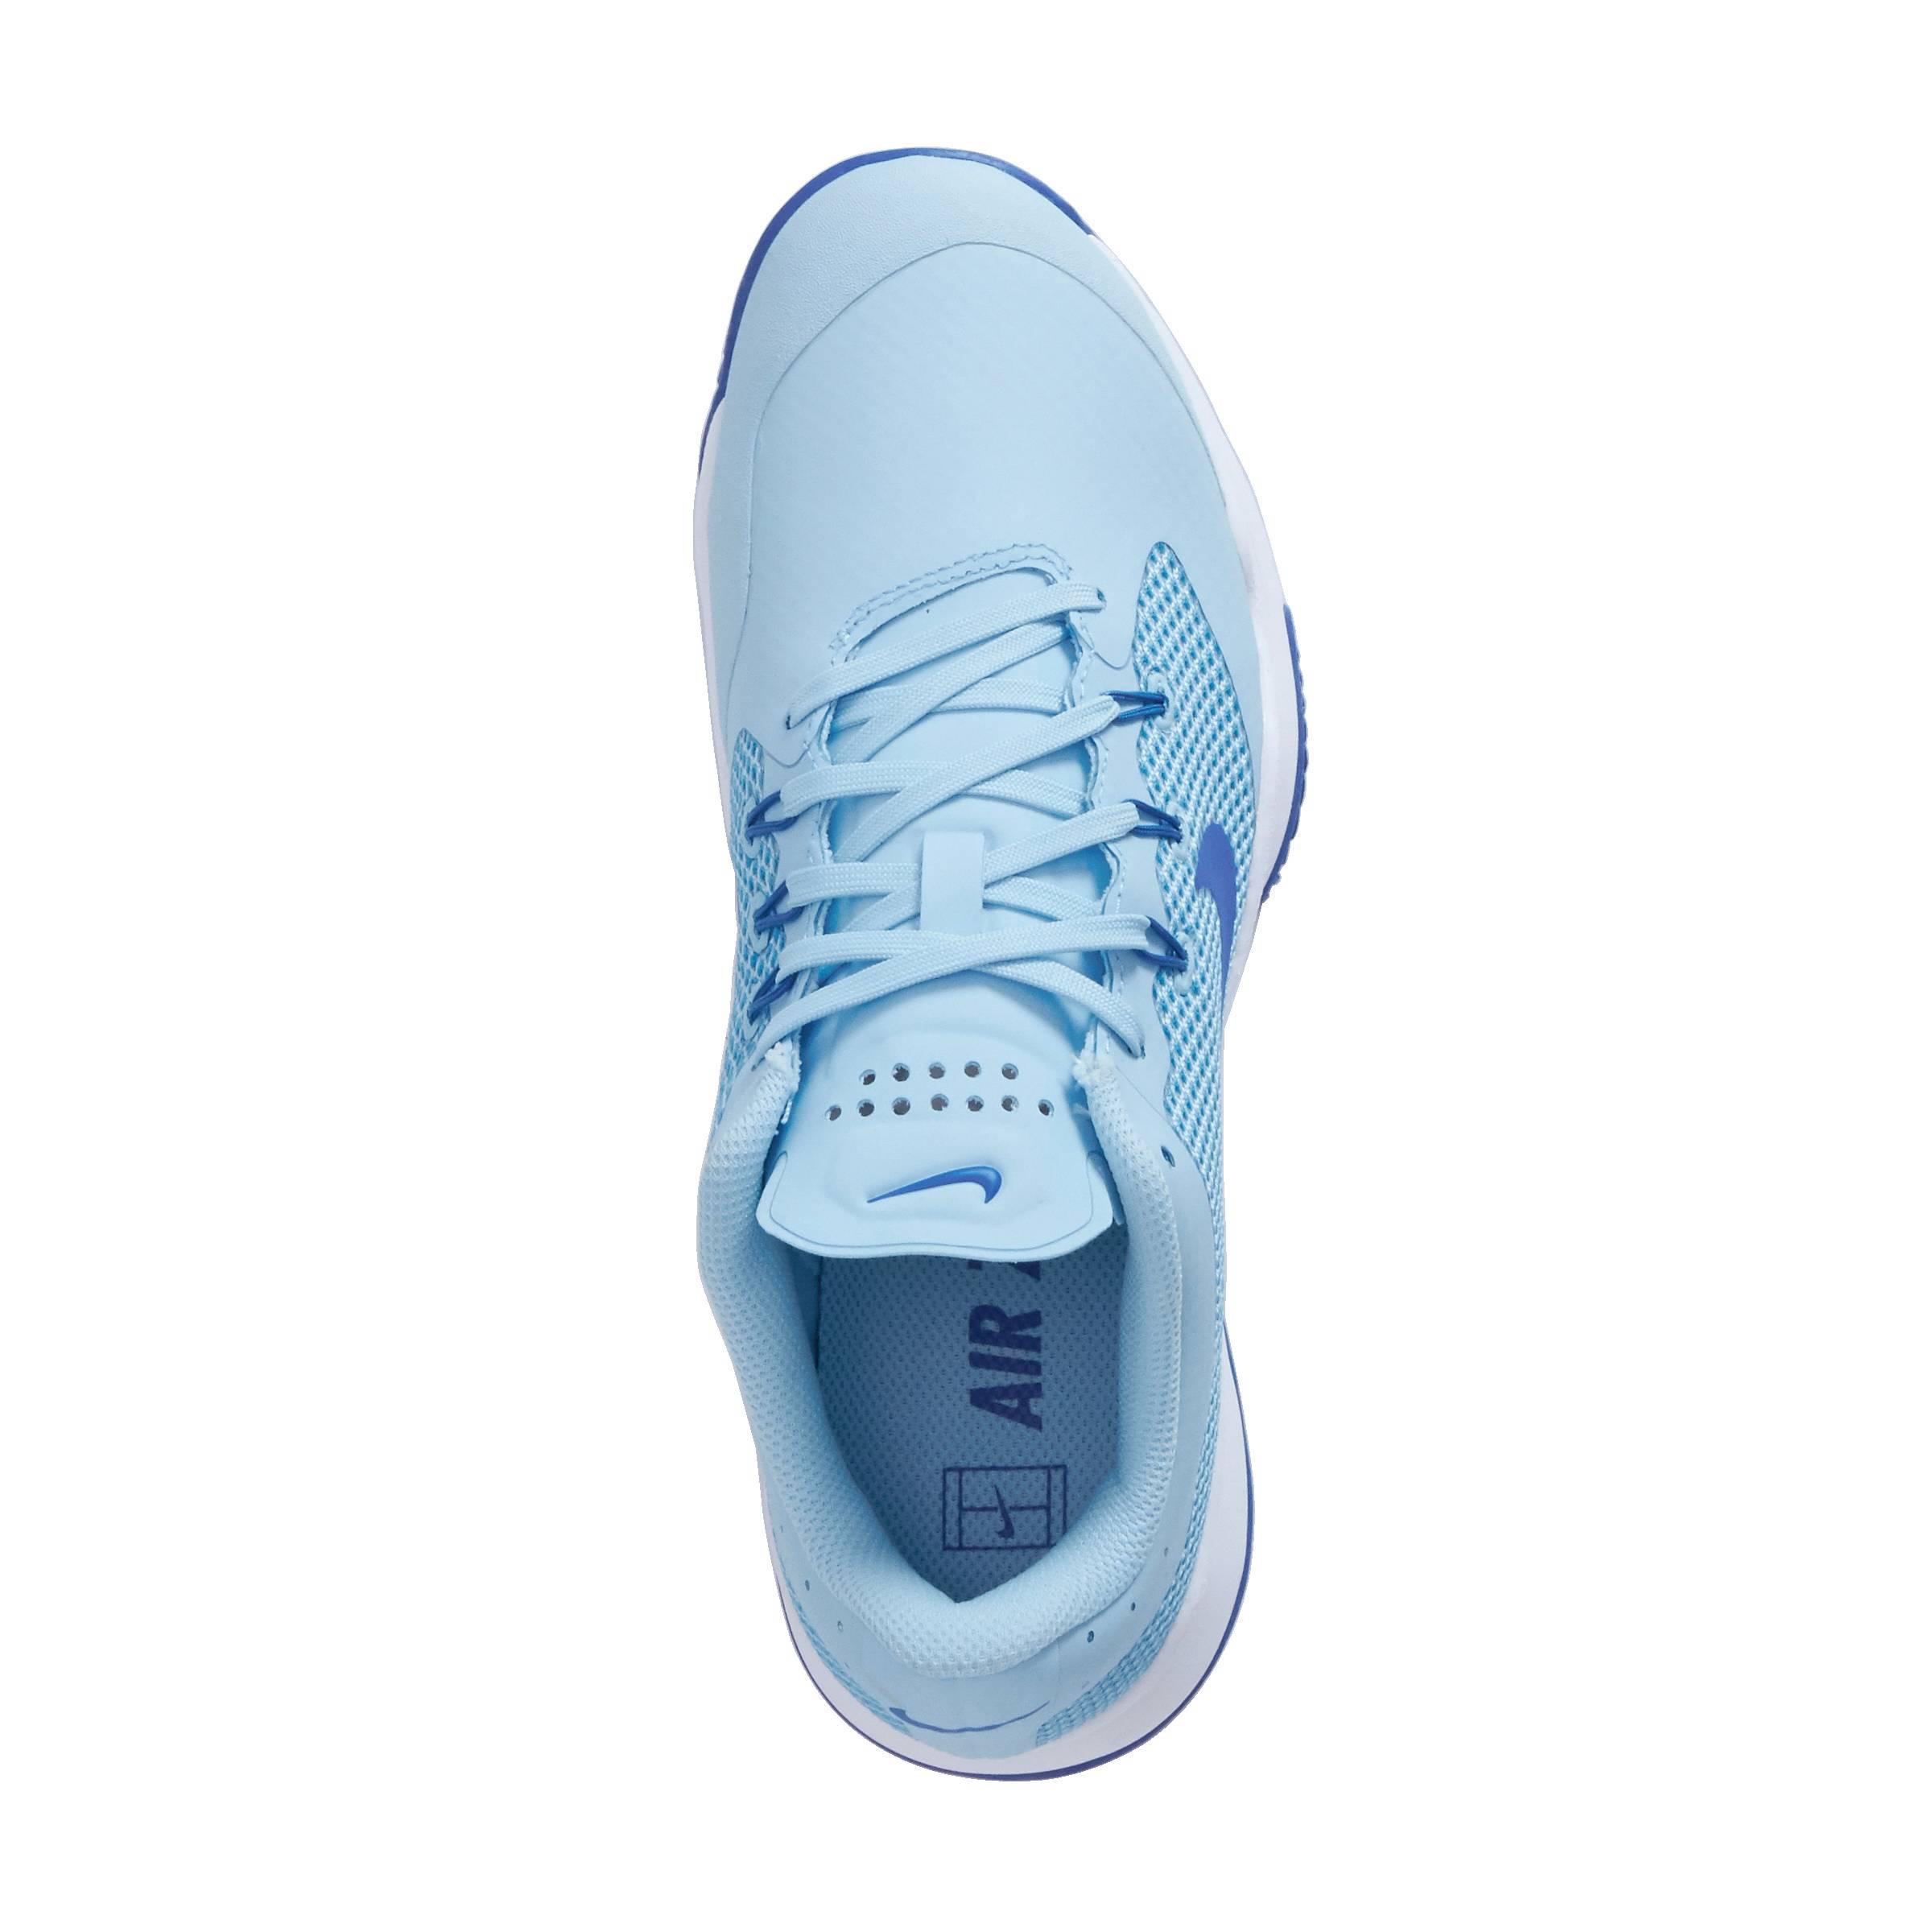 dames nike air zoom ultra cly tennisschoenen